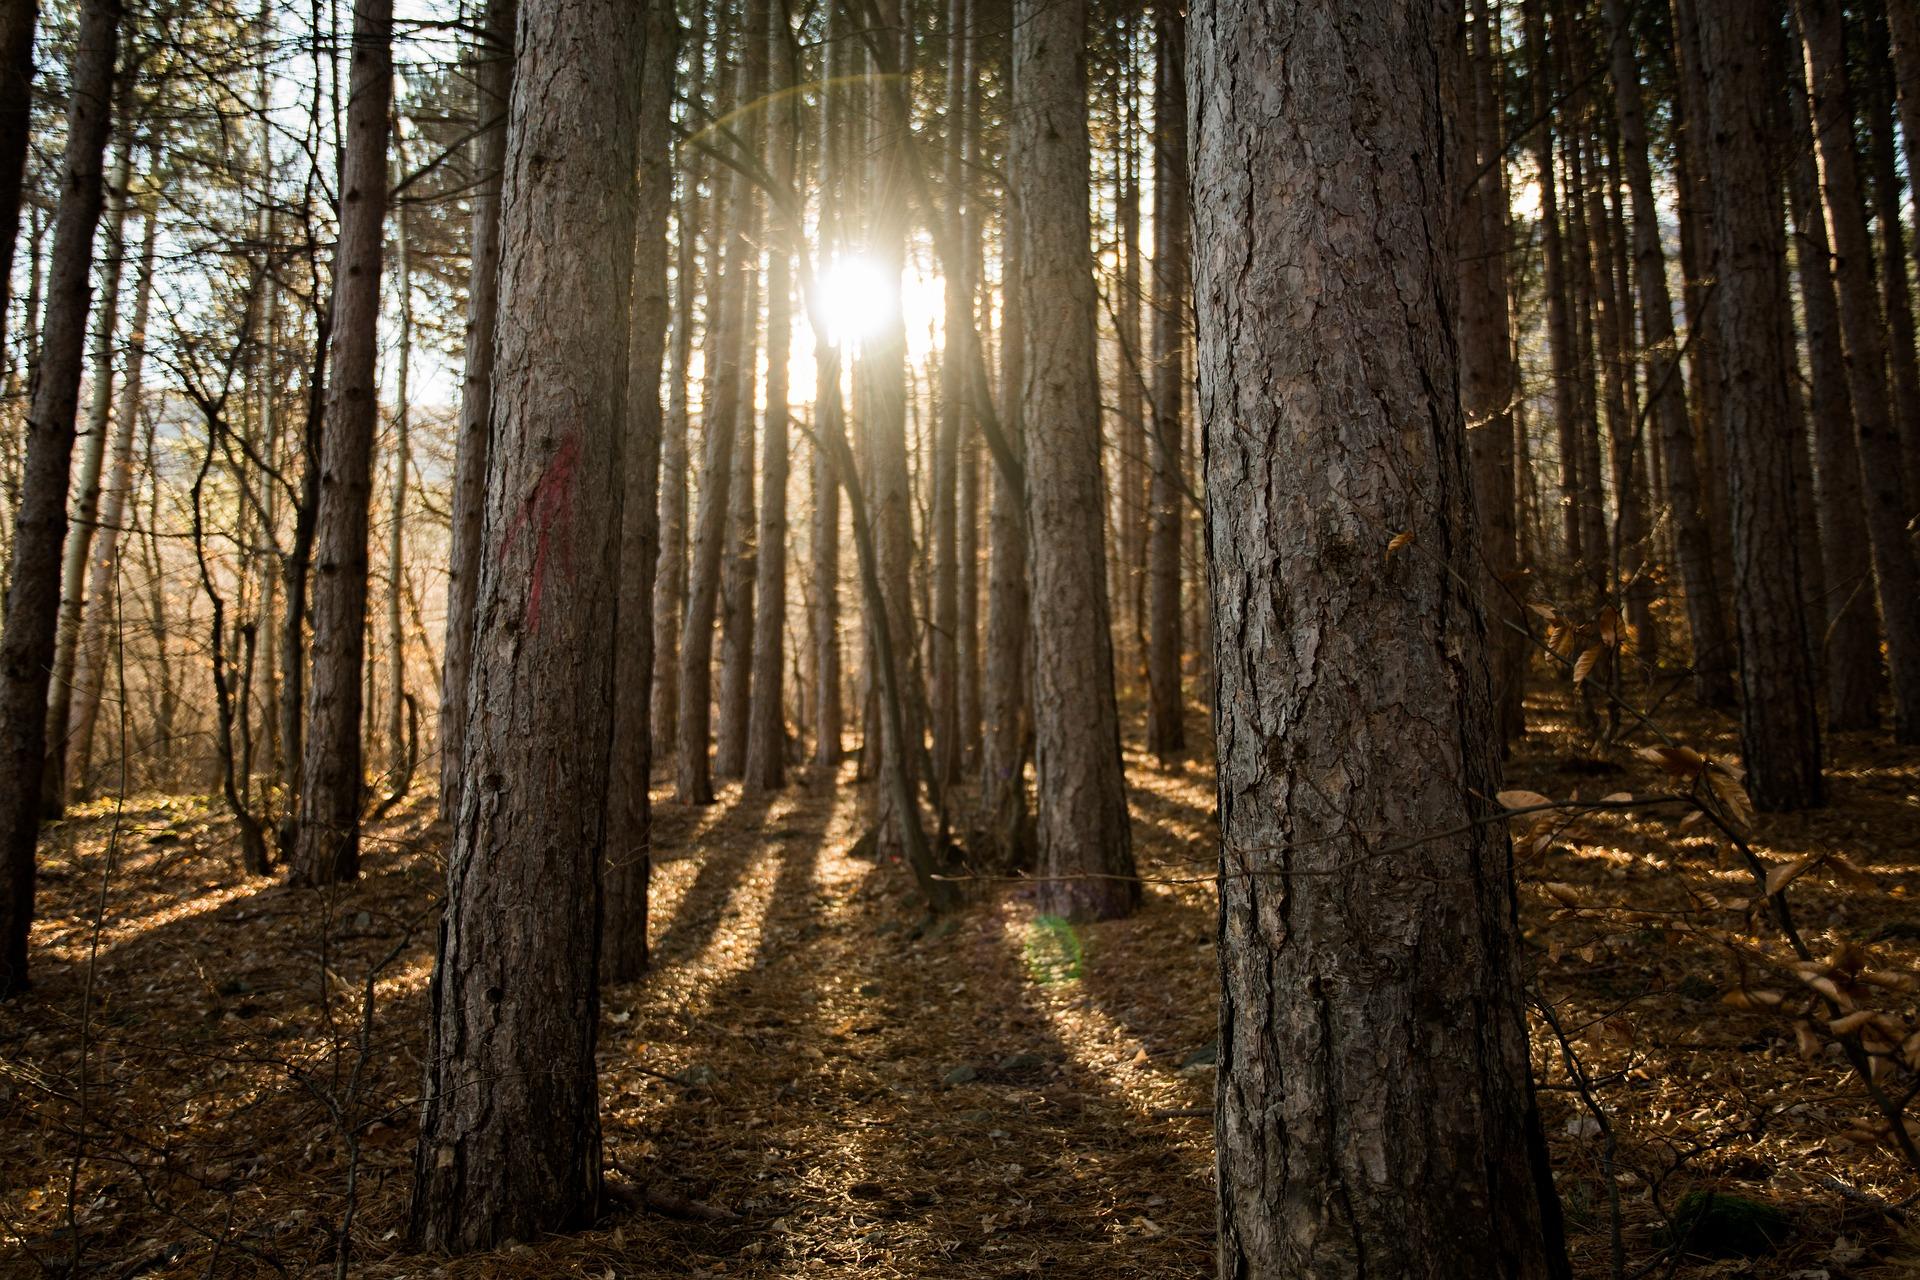 Üdvözlet az erdőből!